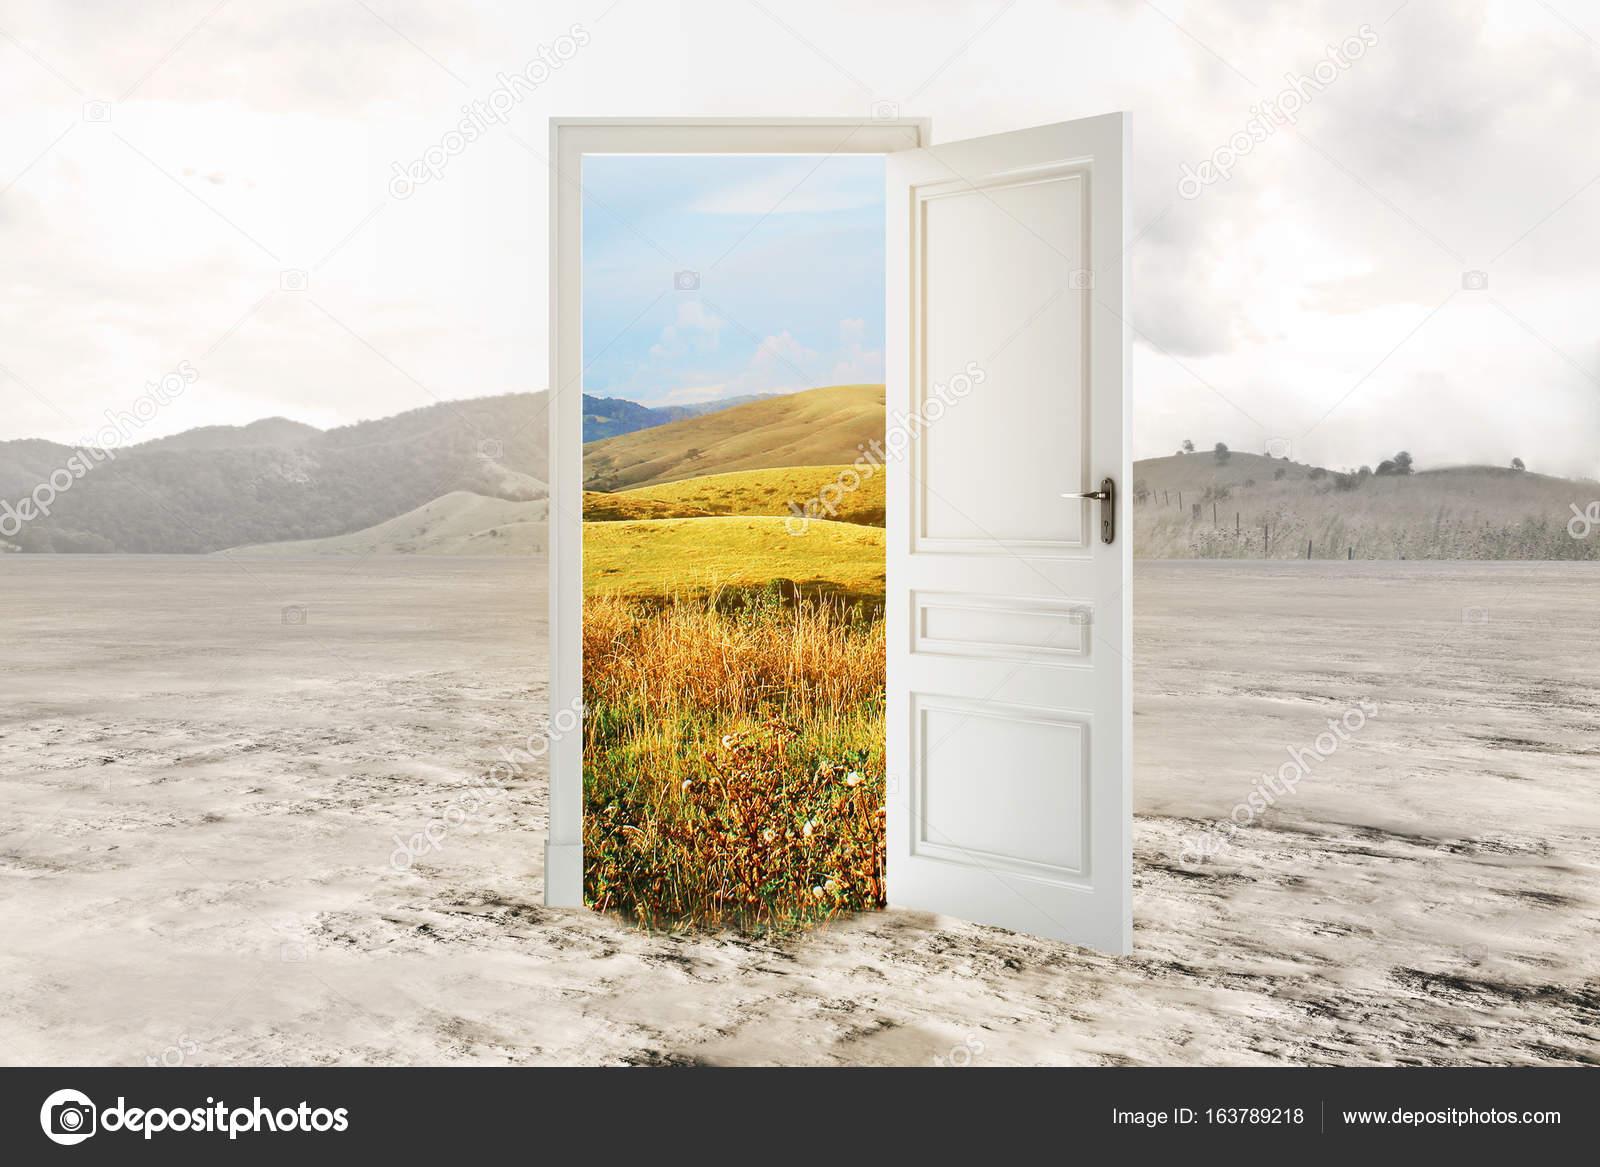 Abstract open door with summer landscape view in desert. Opportunity concept. 3D Rendering u2014 Photo by peshkova & Abstract open door with summer landscape view in desert. Opportunity ...